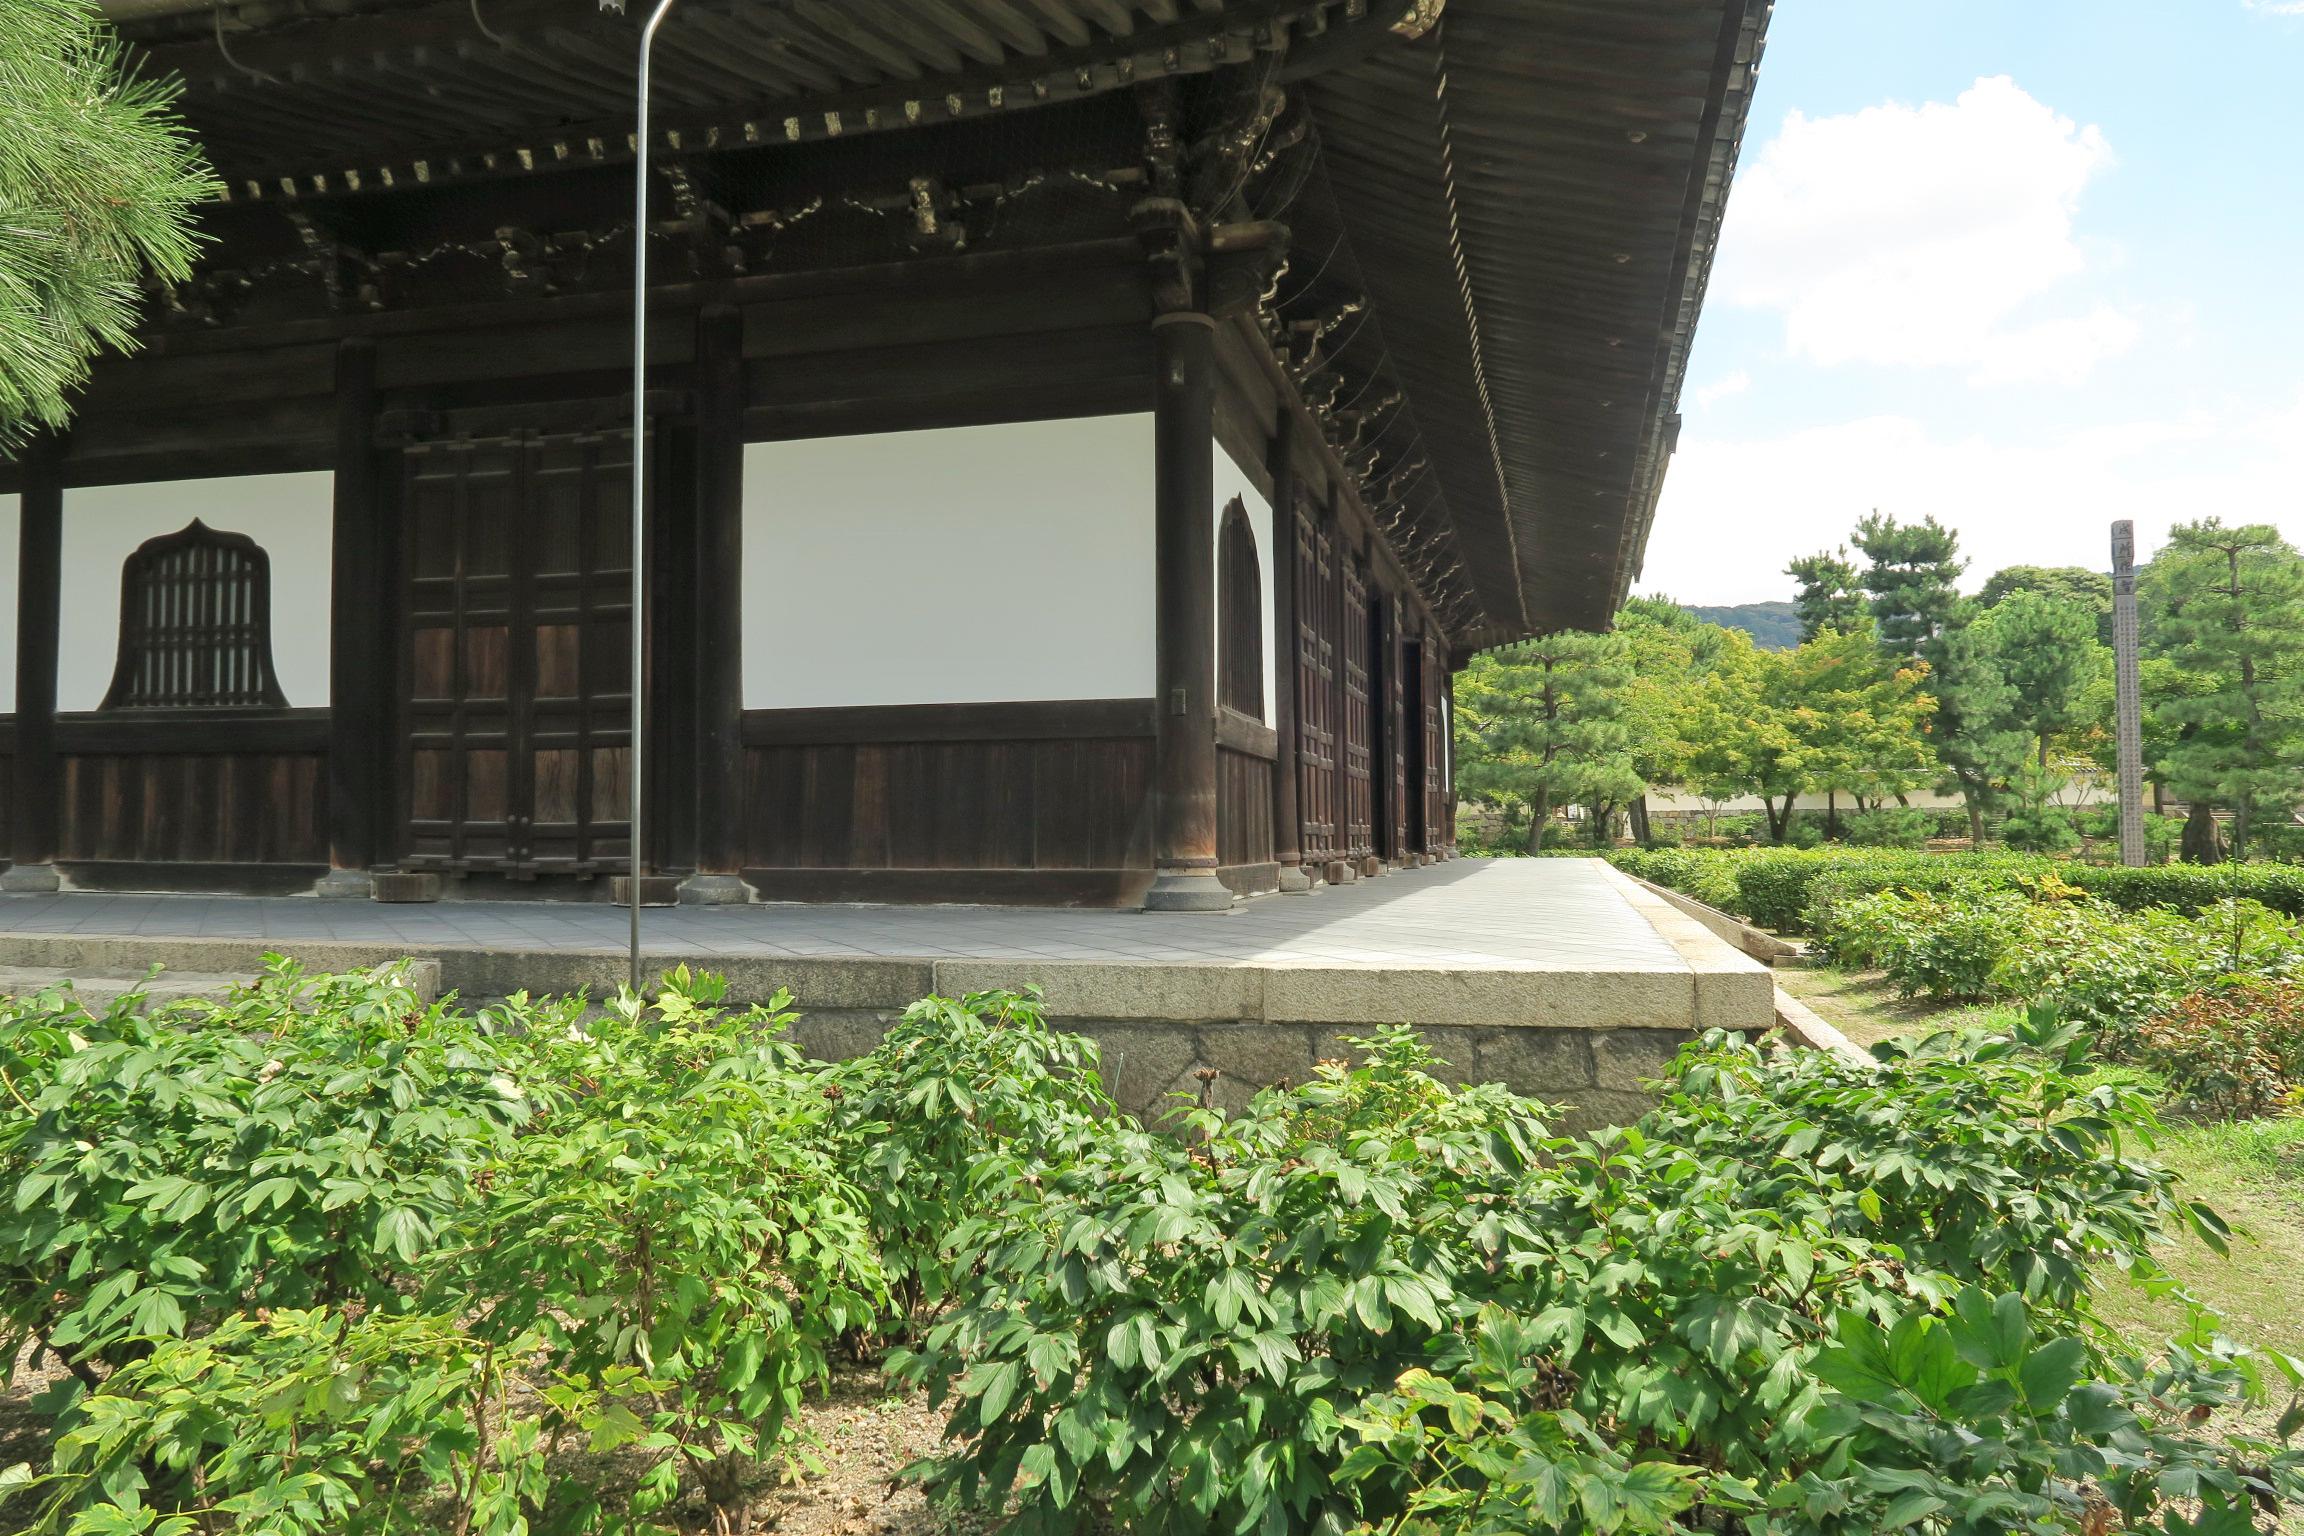 京都五山の第3位に列せられている建仁寺。